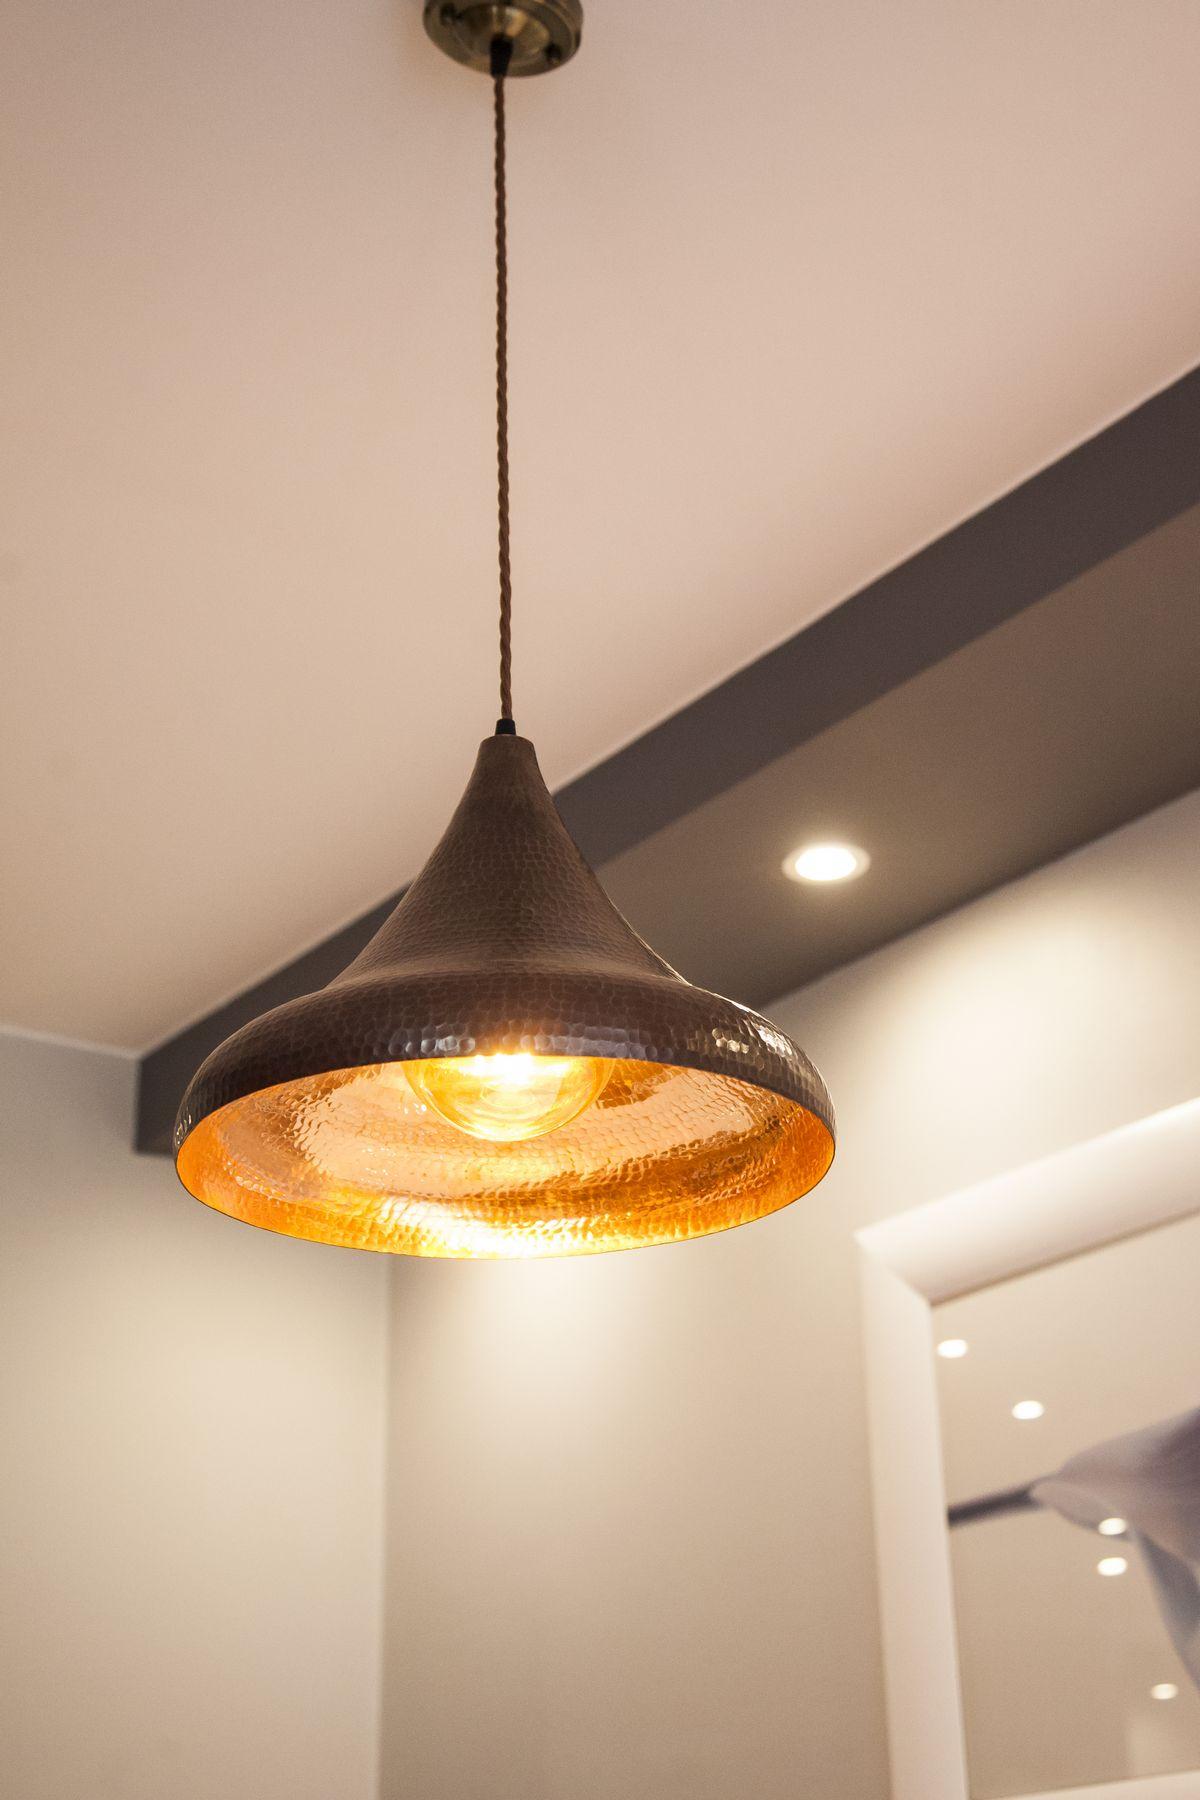 Vendita online di lampadari rustici per cucine, taverne e spazi esterni. Lampadari Rustici In Rame Da Cucina E Salon 02